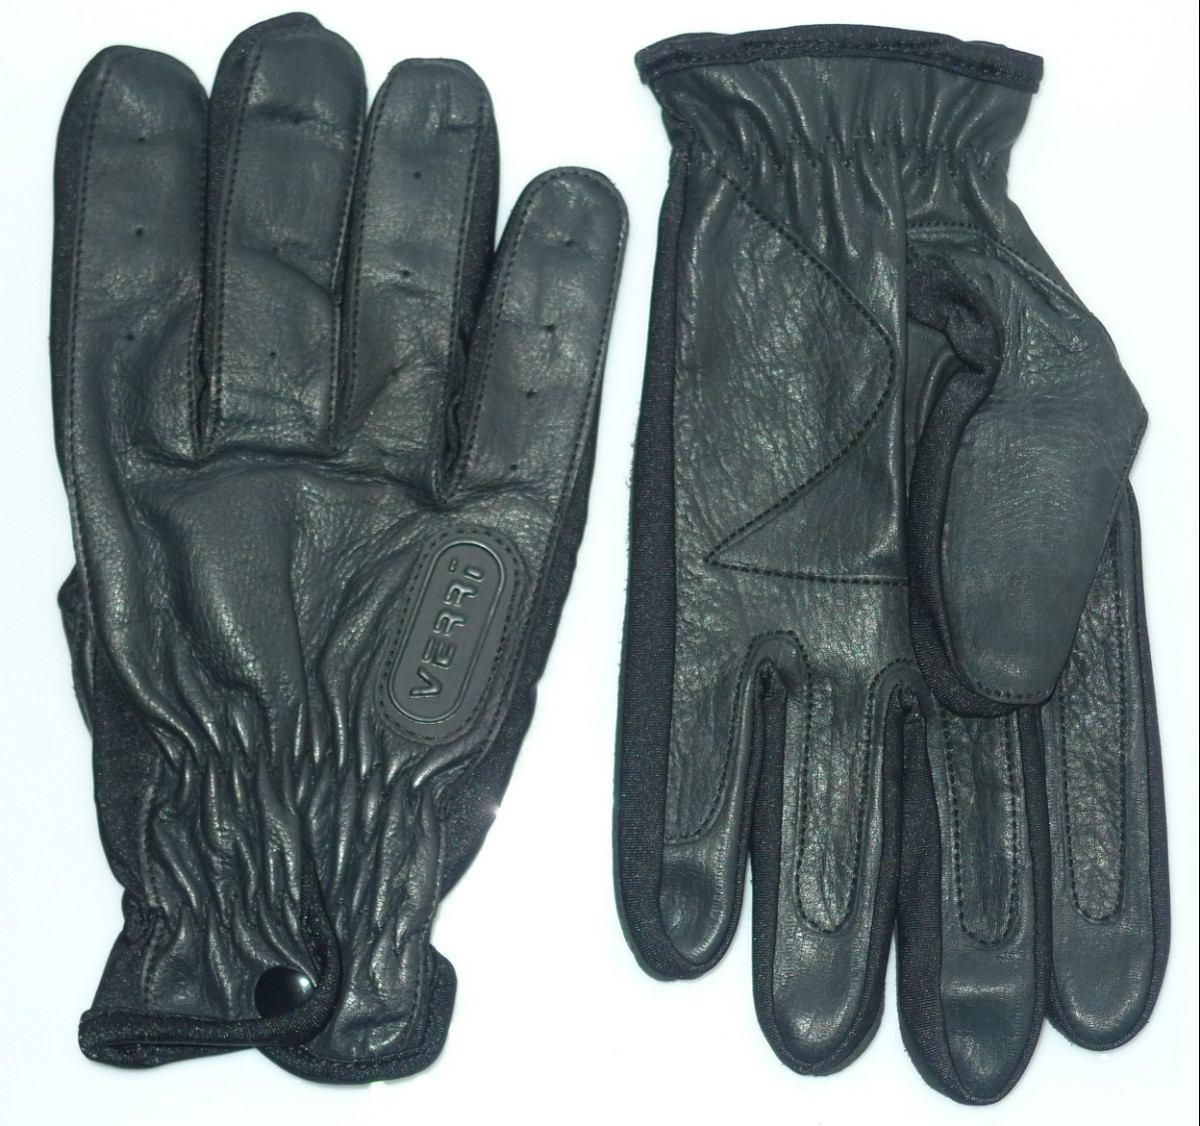 Guantes de piel cabra para motociclista marca verri mod for Guantes de piel madrid